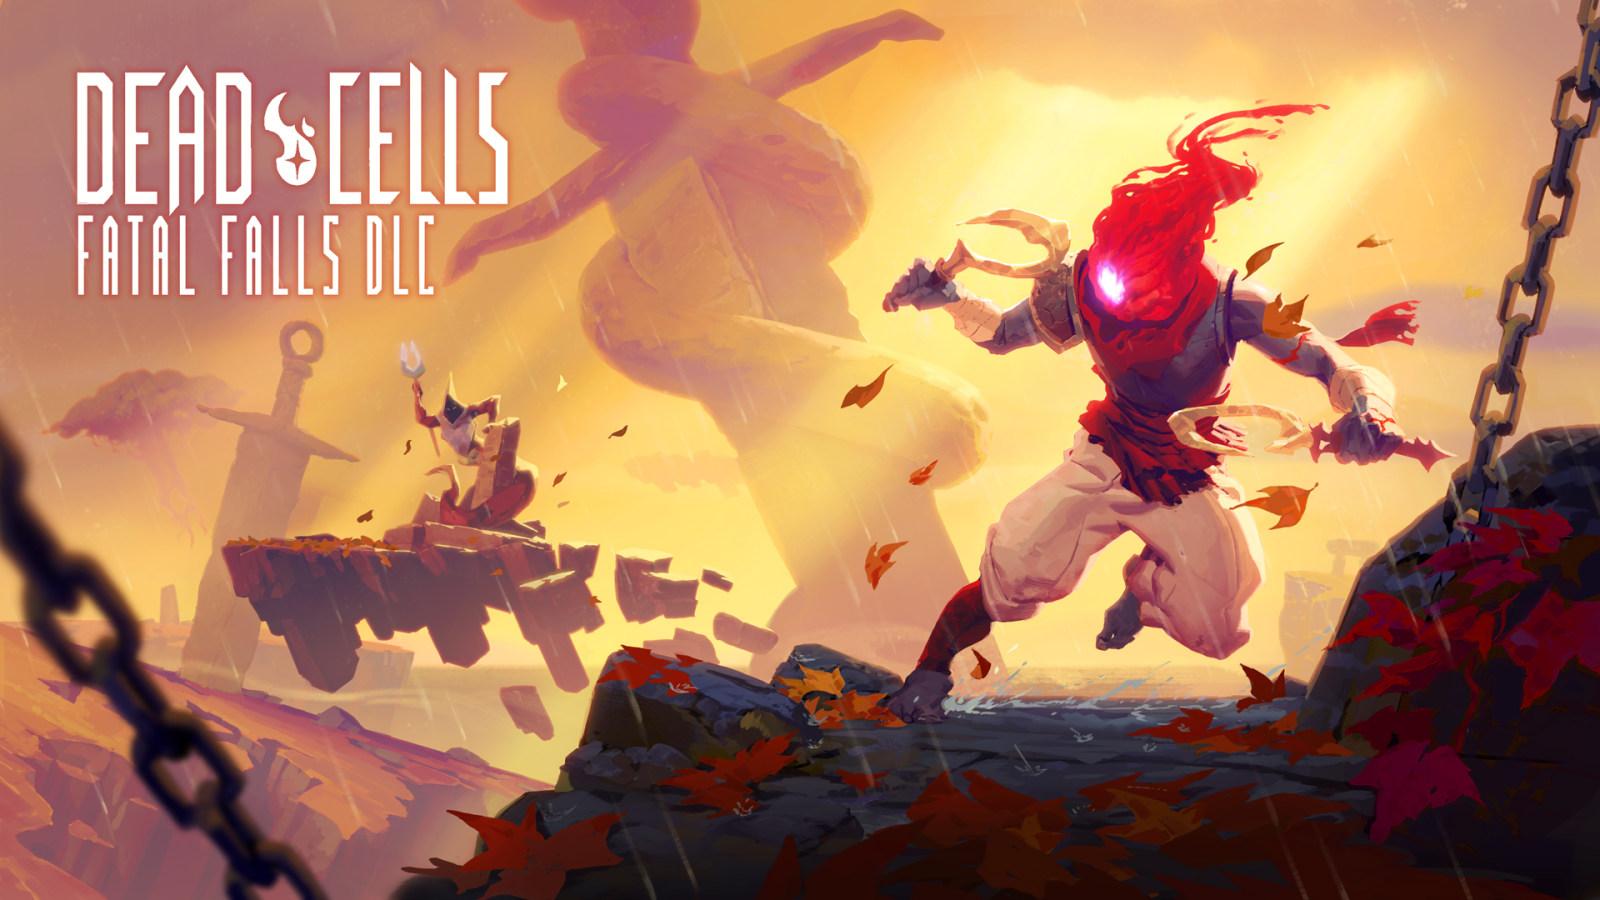 """《死亡细胞》DLC""""致命坠落""""现已发售,官方发布动画短片"""